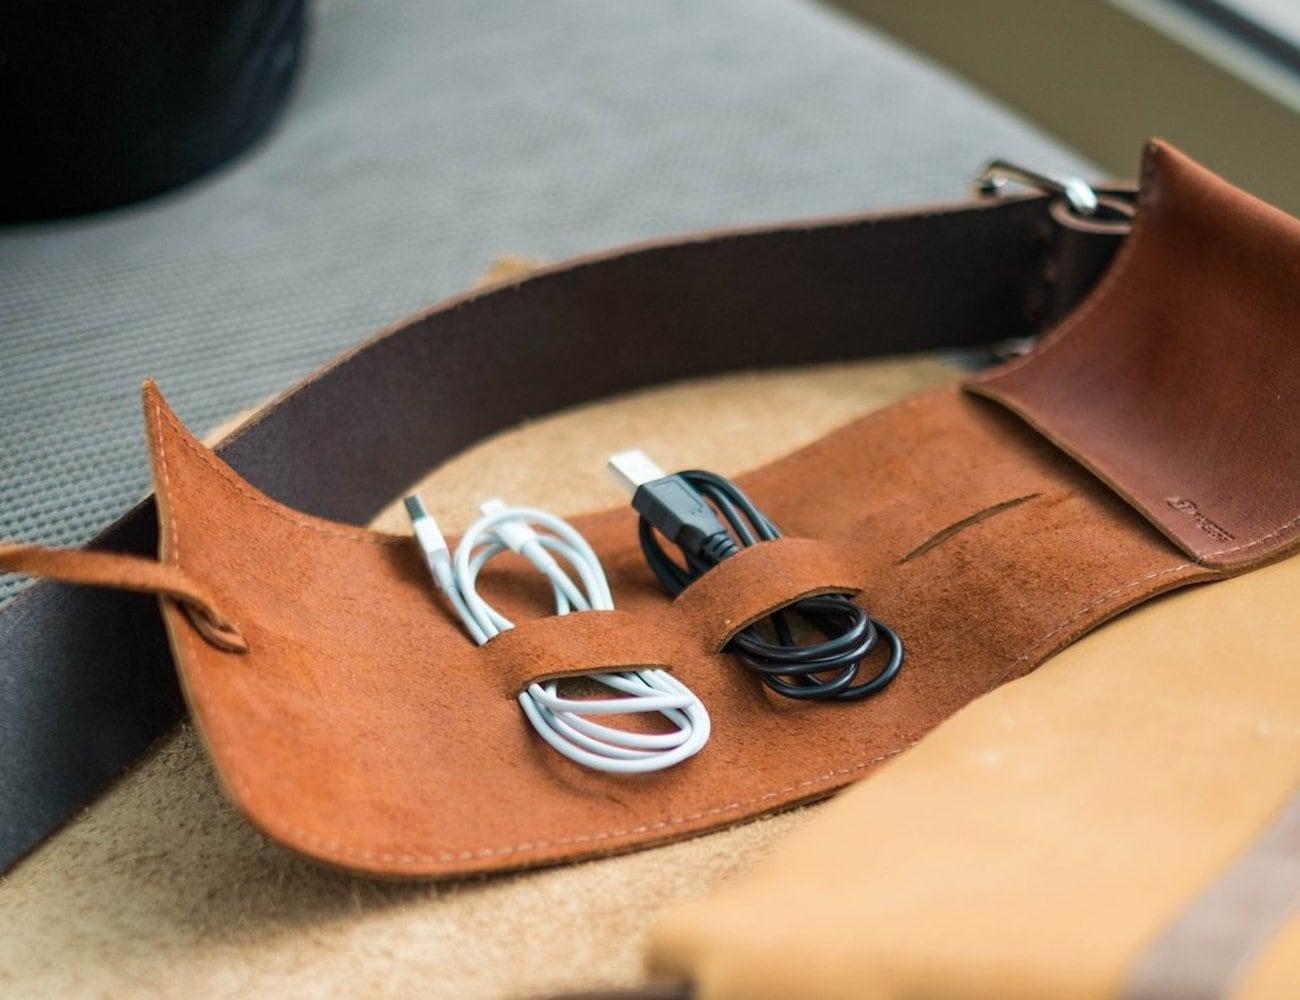 Rustico Sidekick Leather Cord Wrap